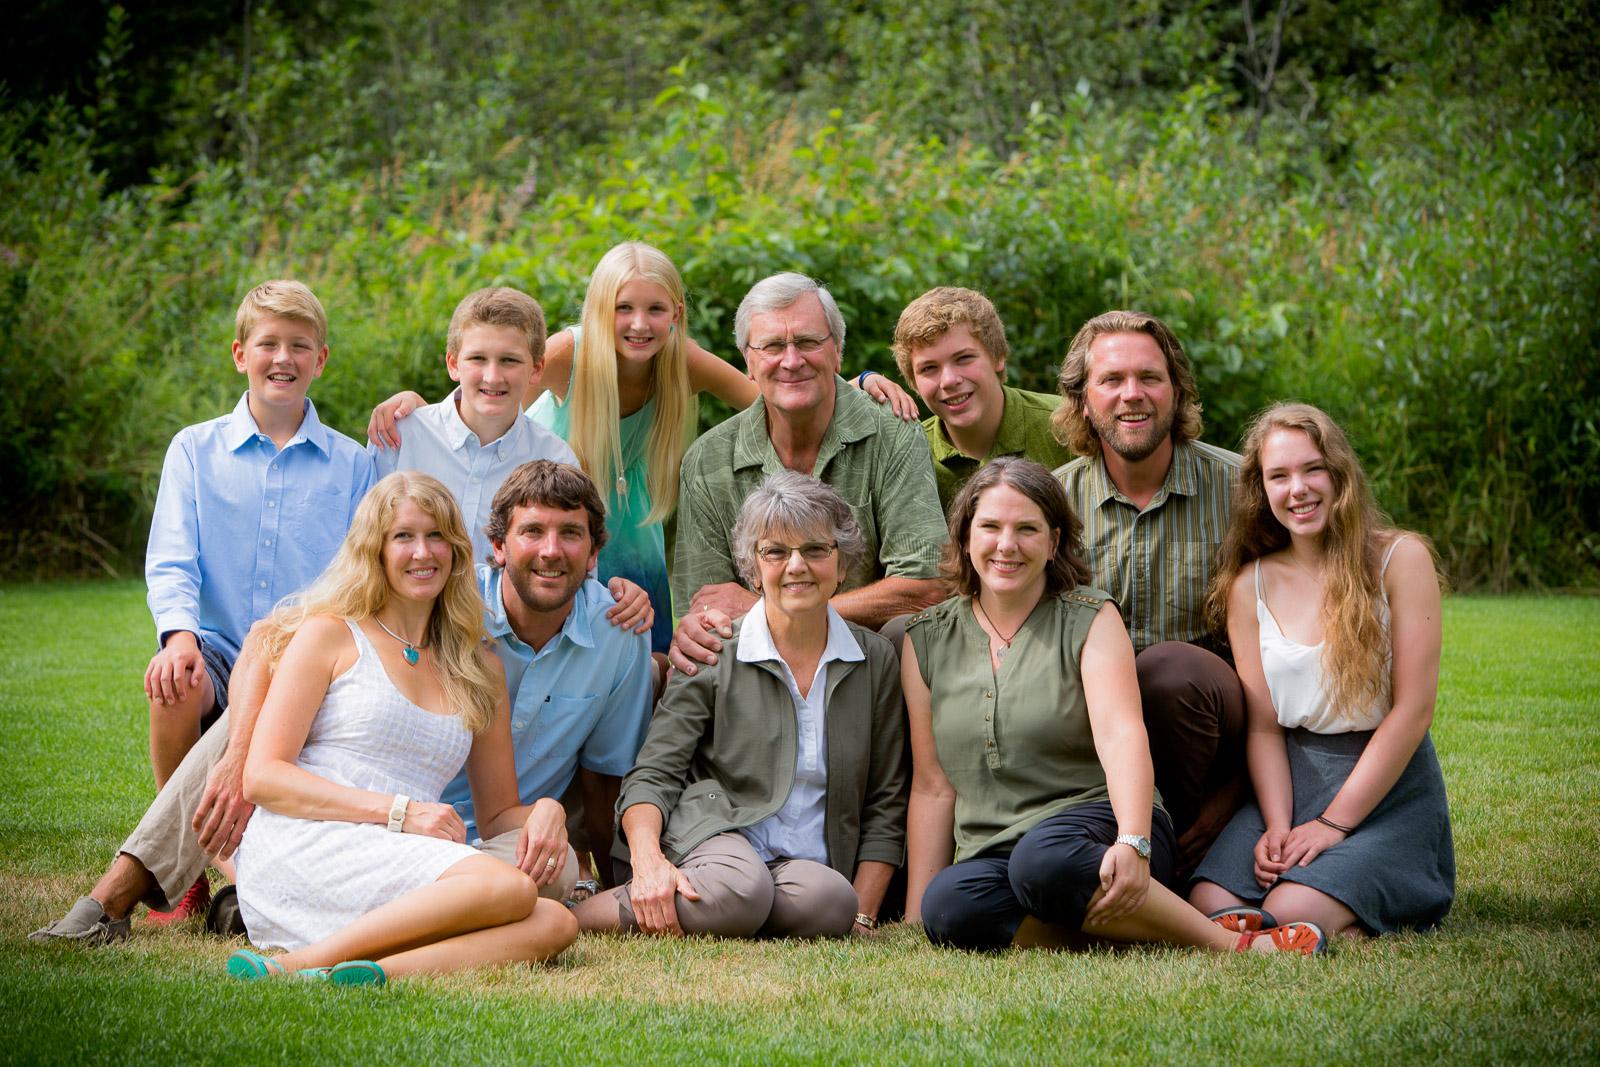 Family-reunion-photographer-Whistler.jpg